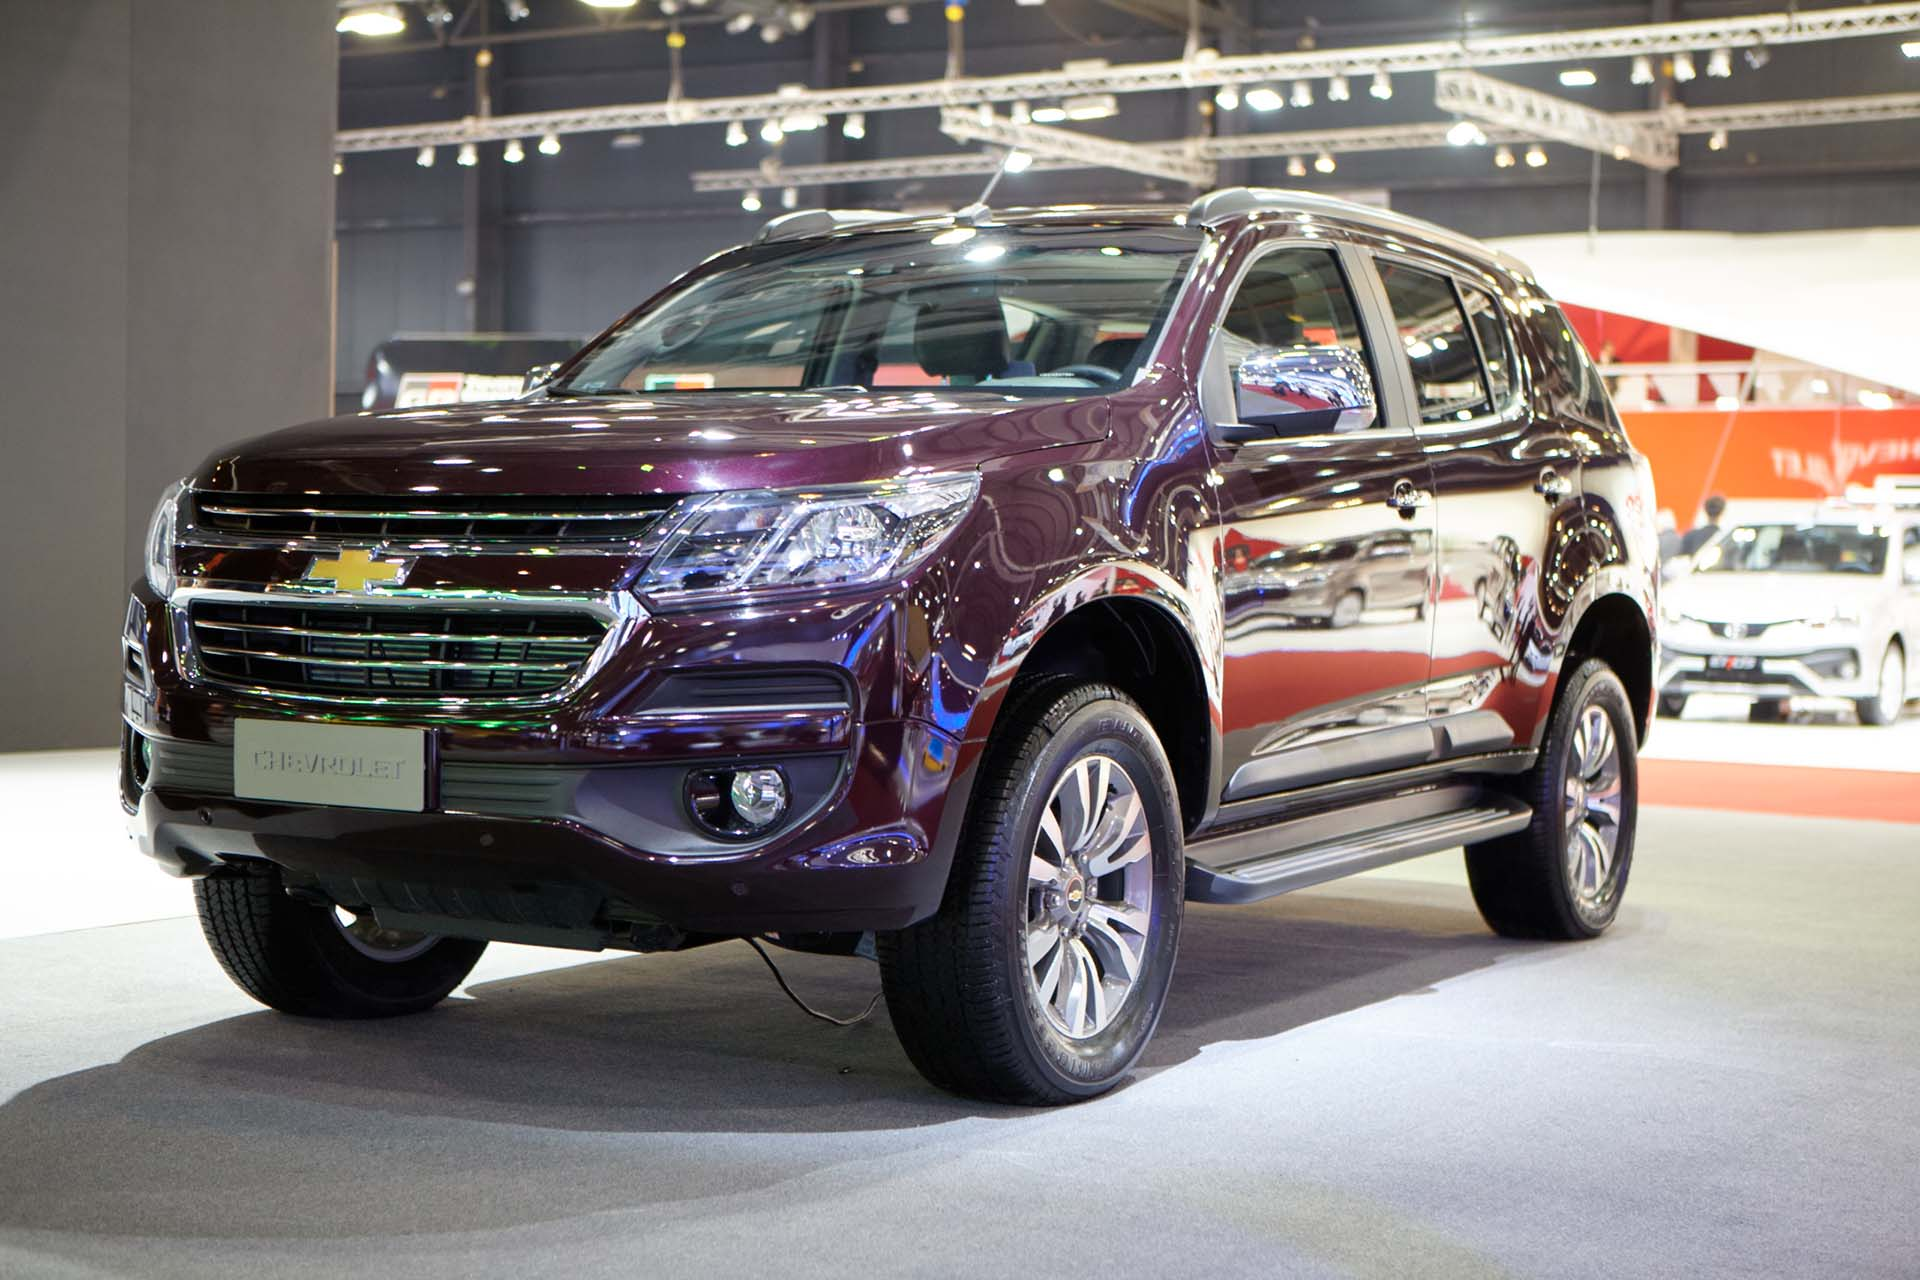 La nueva Chevrolet Trailblazer, versátil y potente (GM)